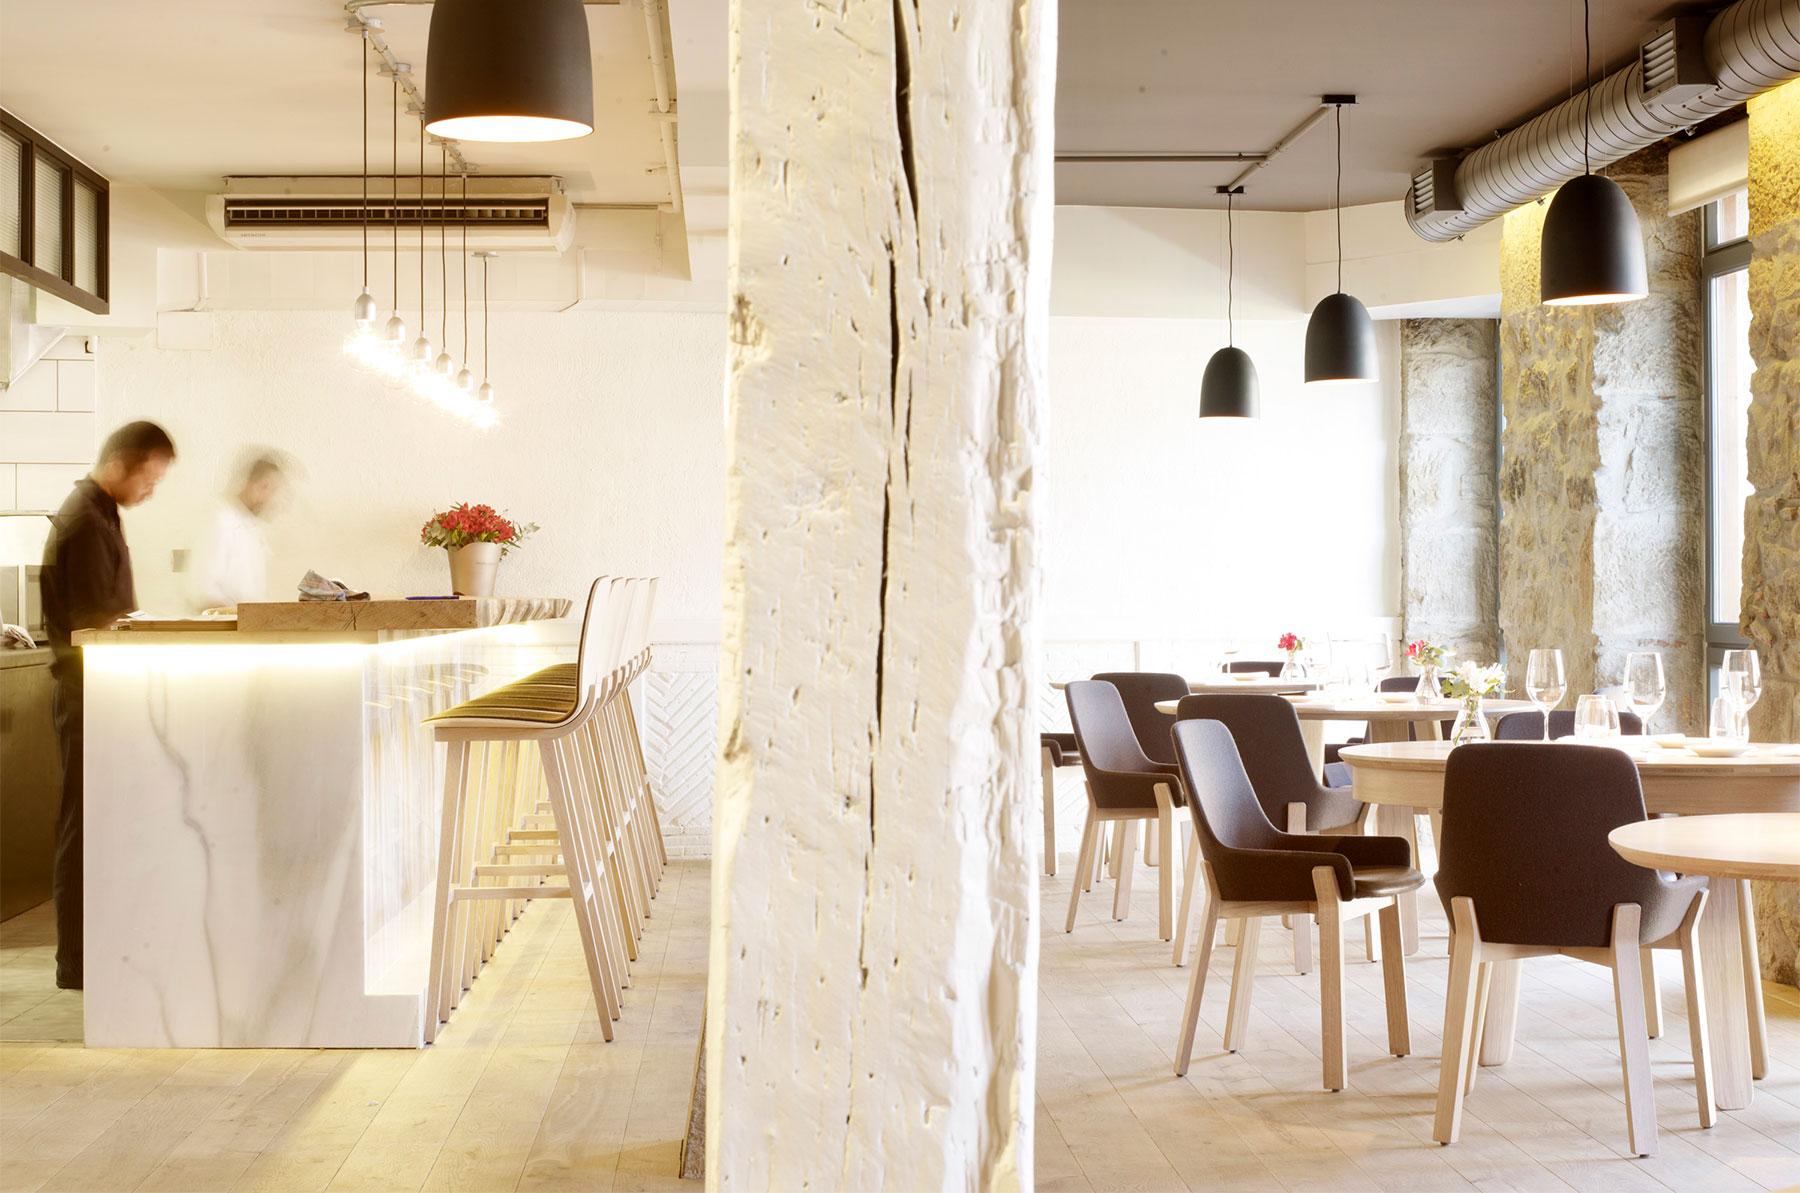 Chair-design-iratzoki-lizaso-koila-alki